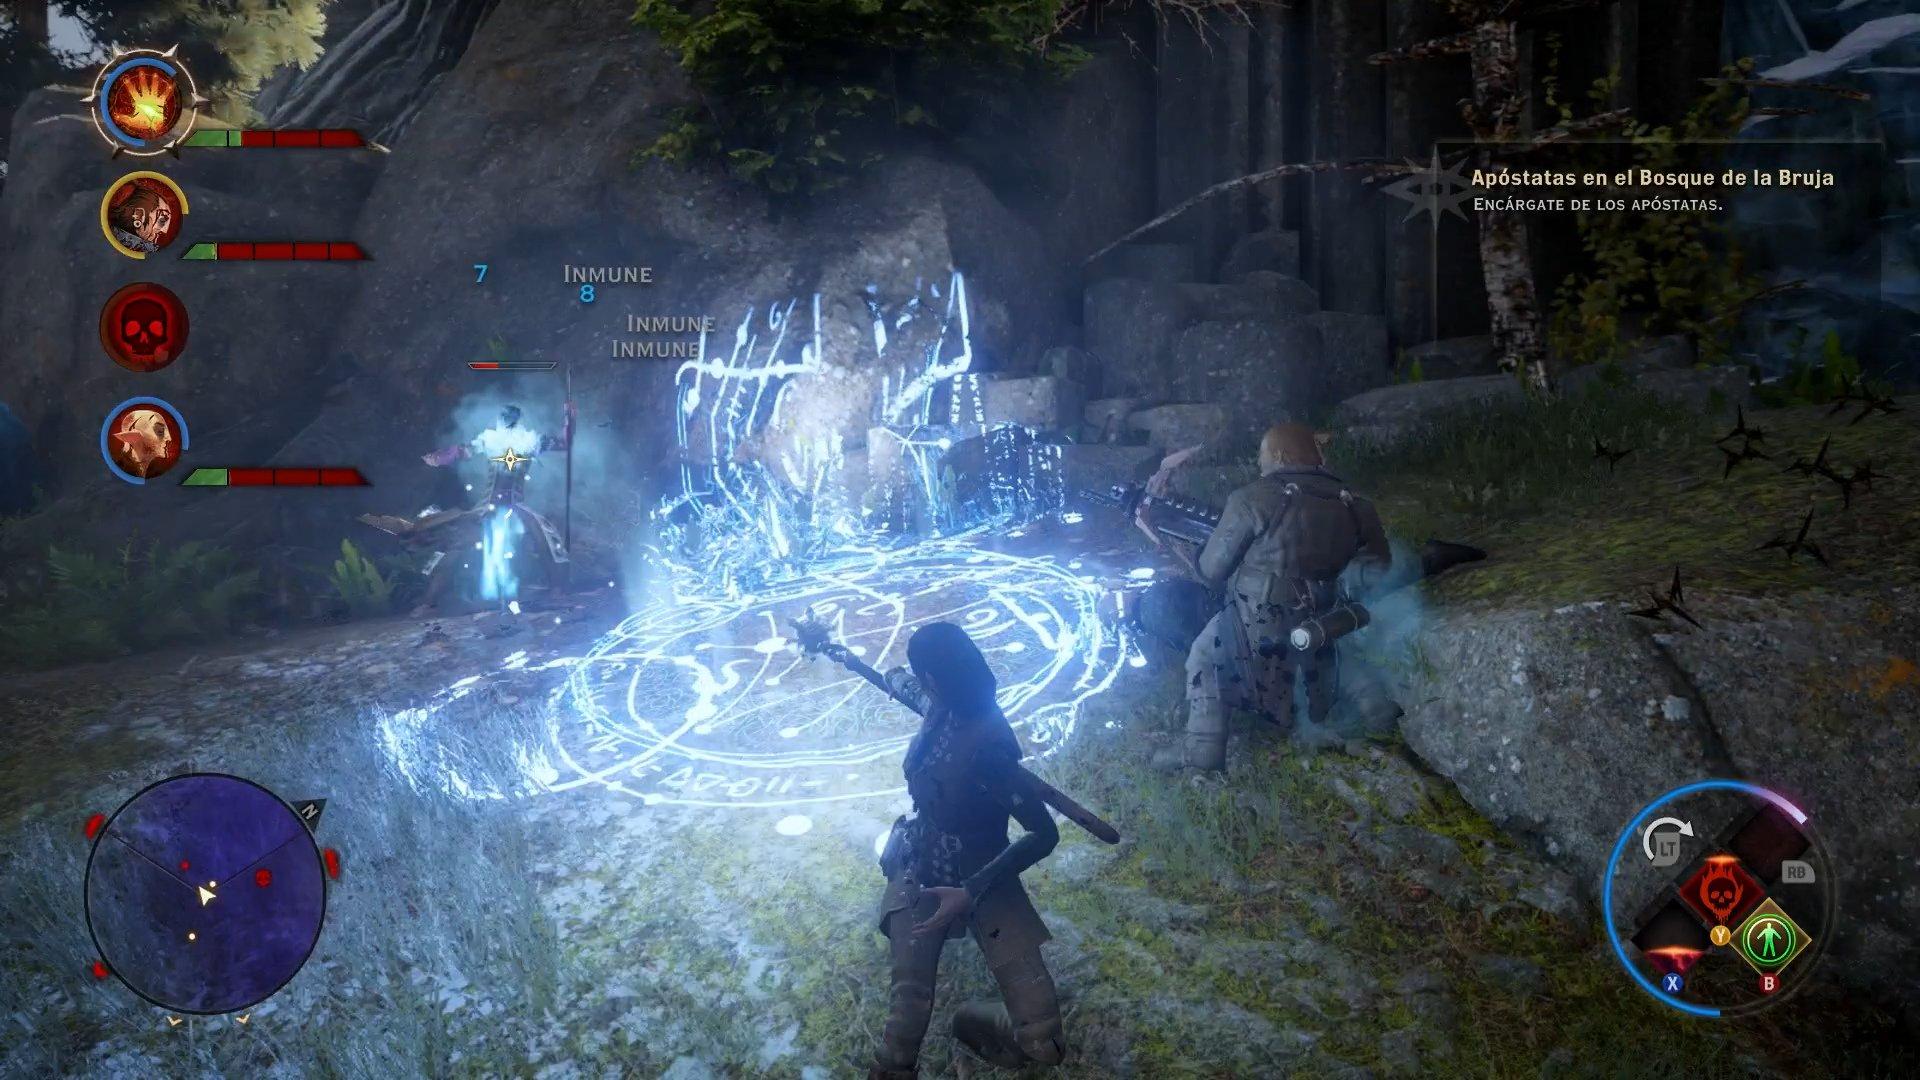 Analisis De Dragon Age Inquisition Para Ps4 3djuegos